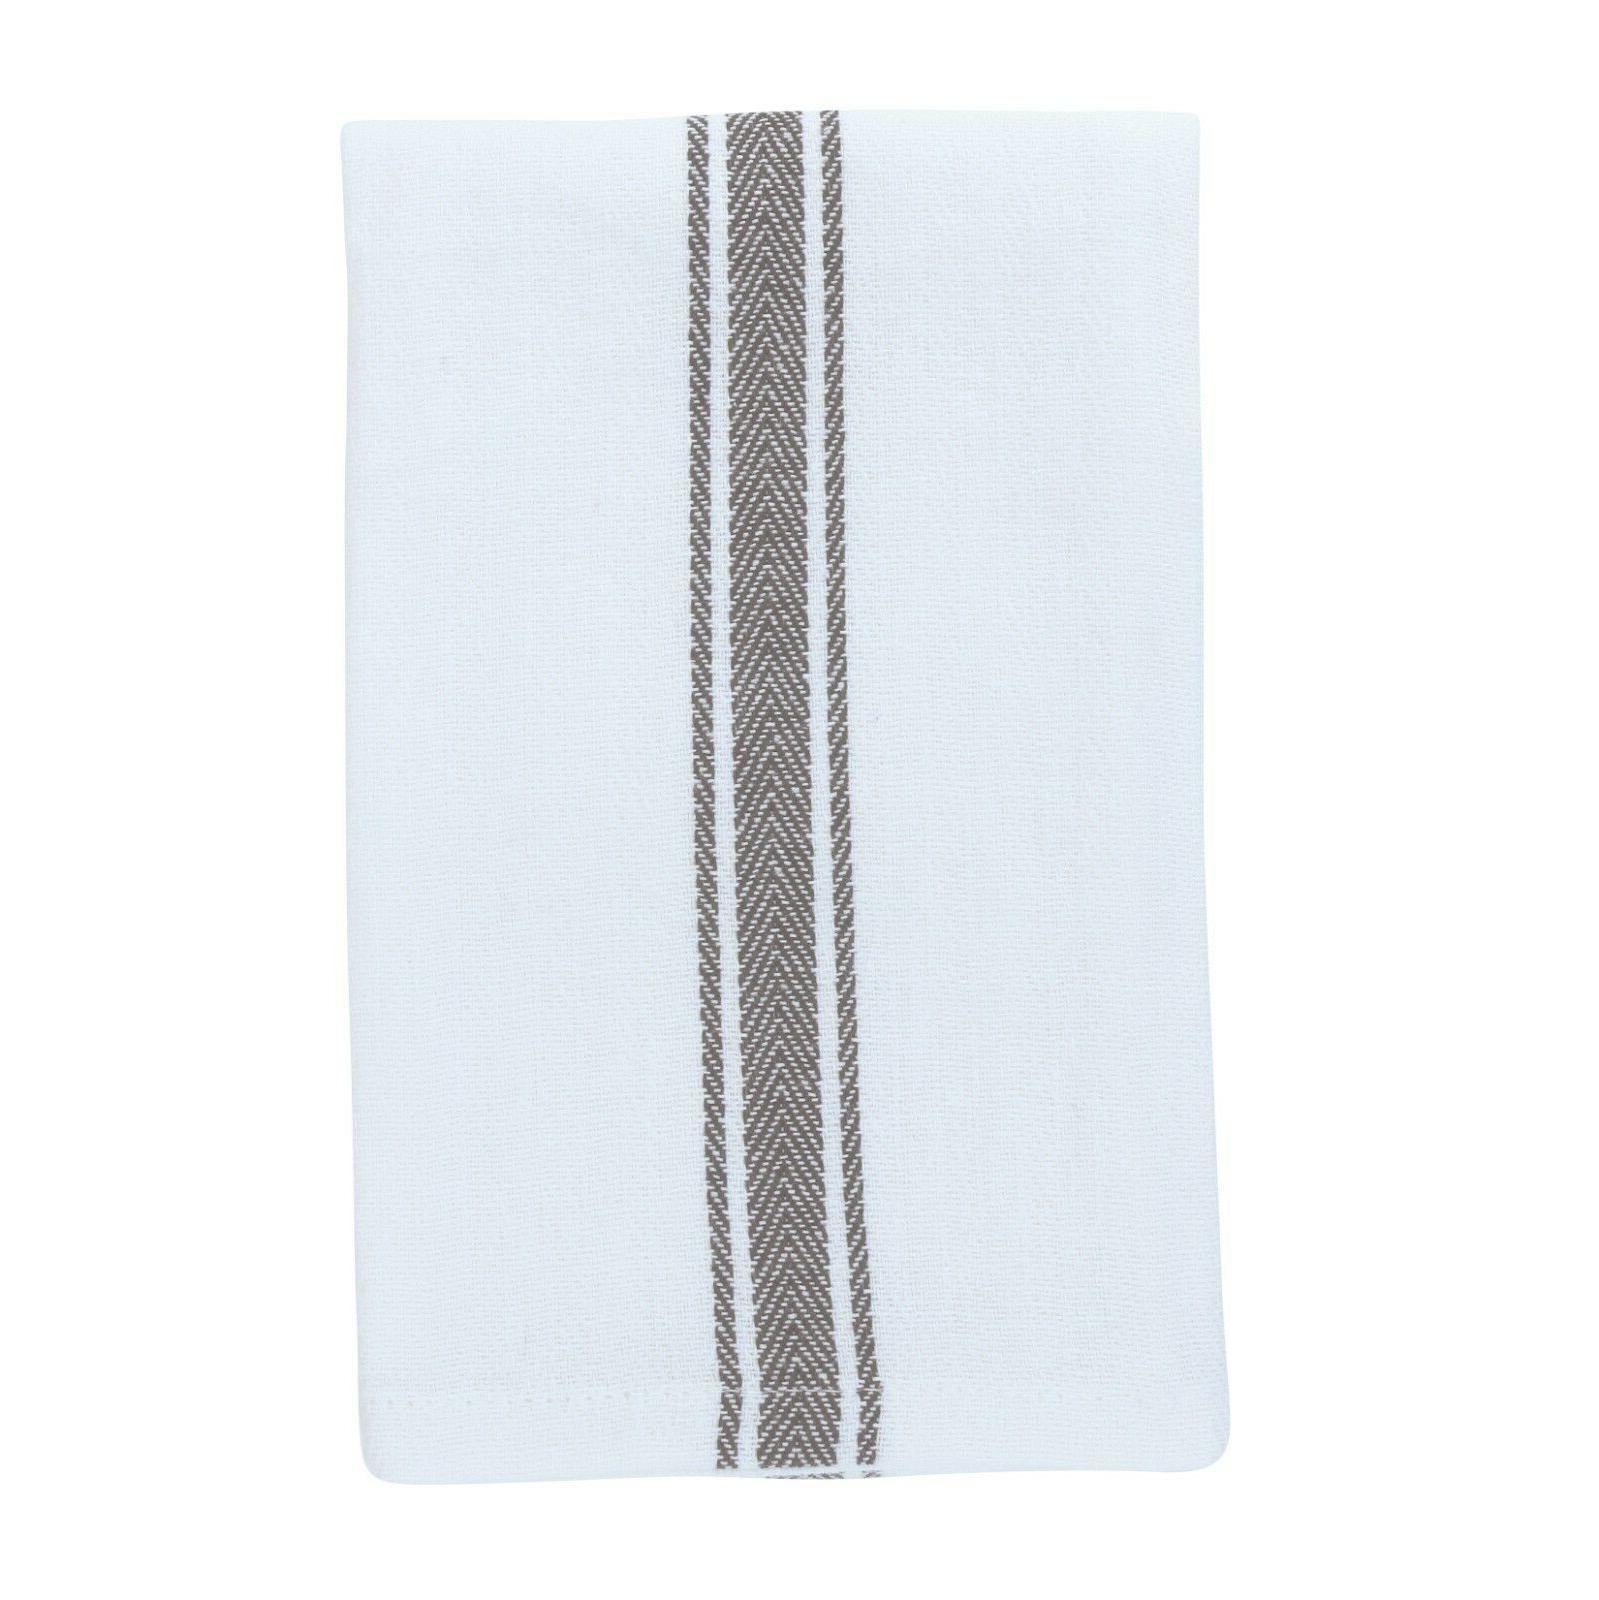 12 Kitchen Tea Towels Dish - x 25 Color Options